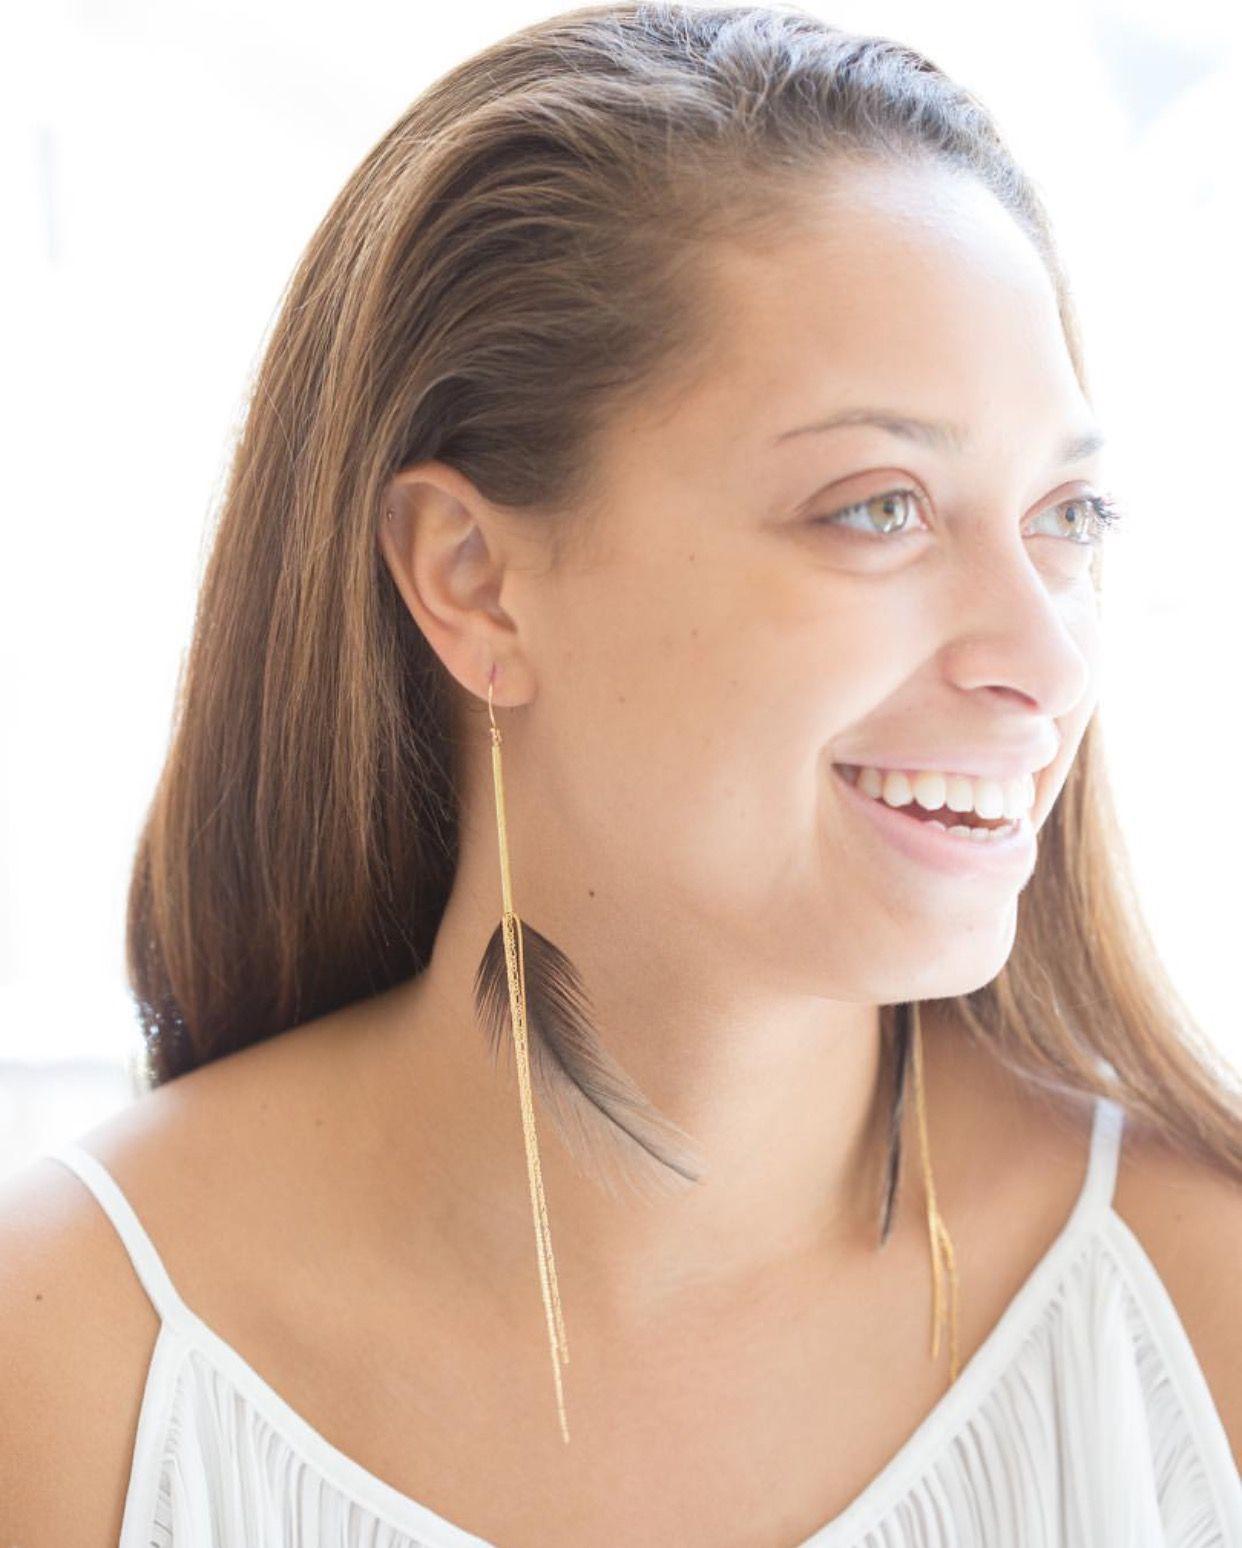 2nd ear piercing ideas  Pin by Aaraa Accessories on Earrings  Pinterest